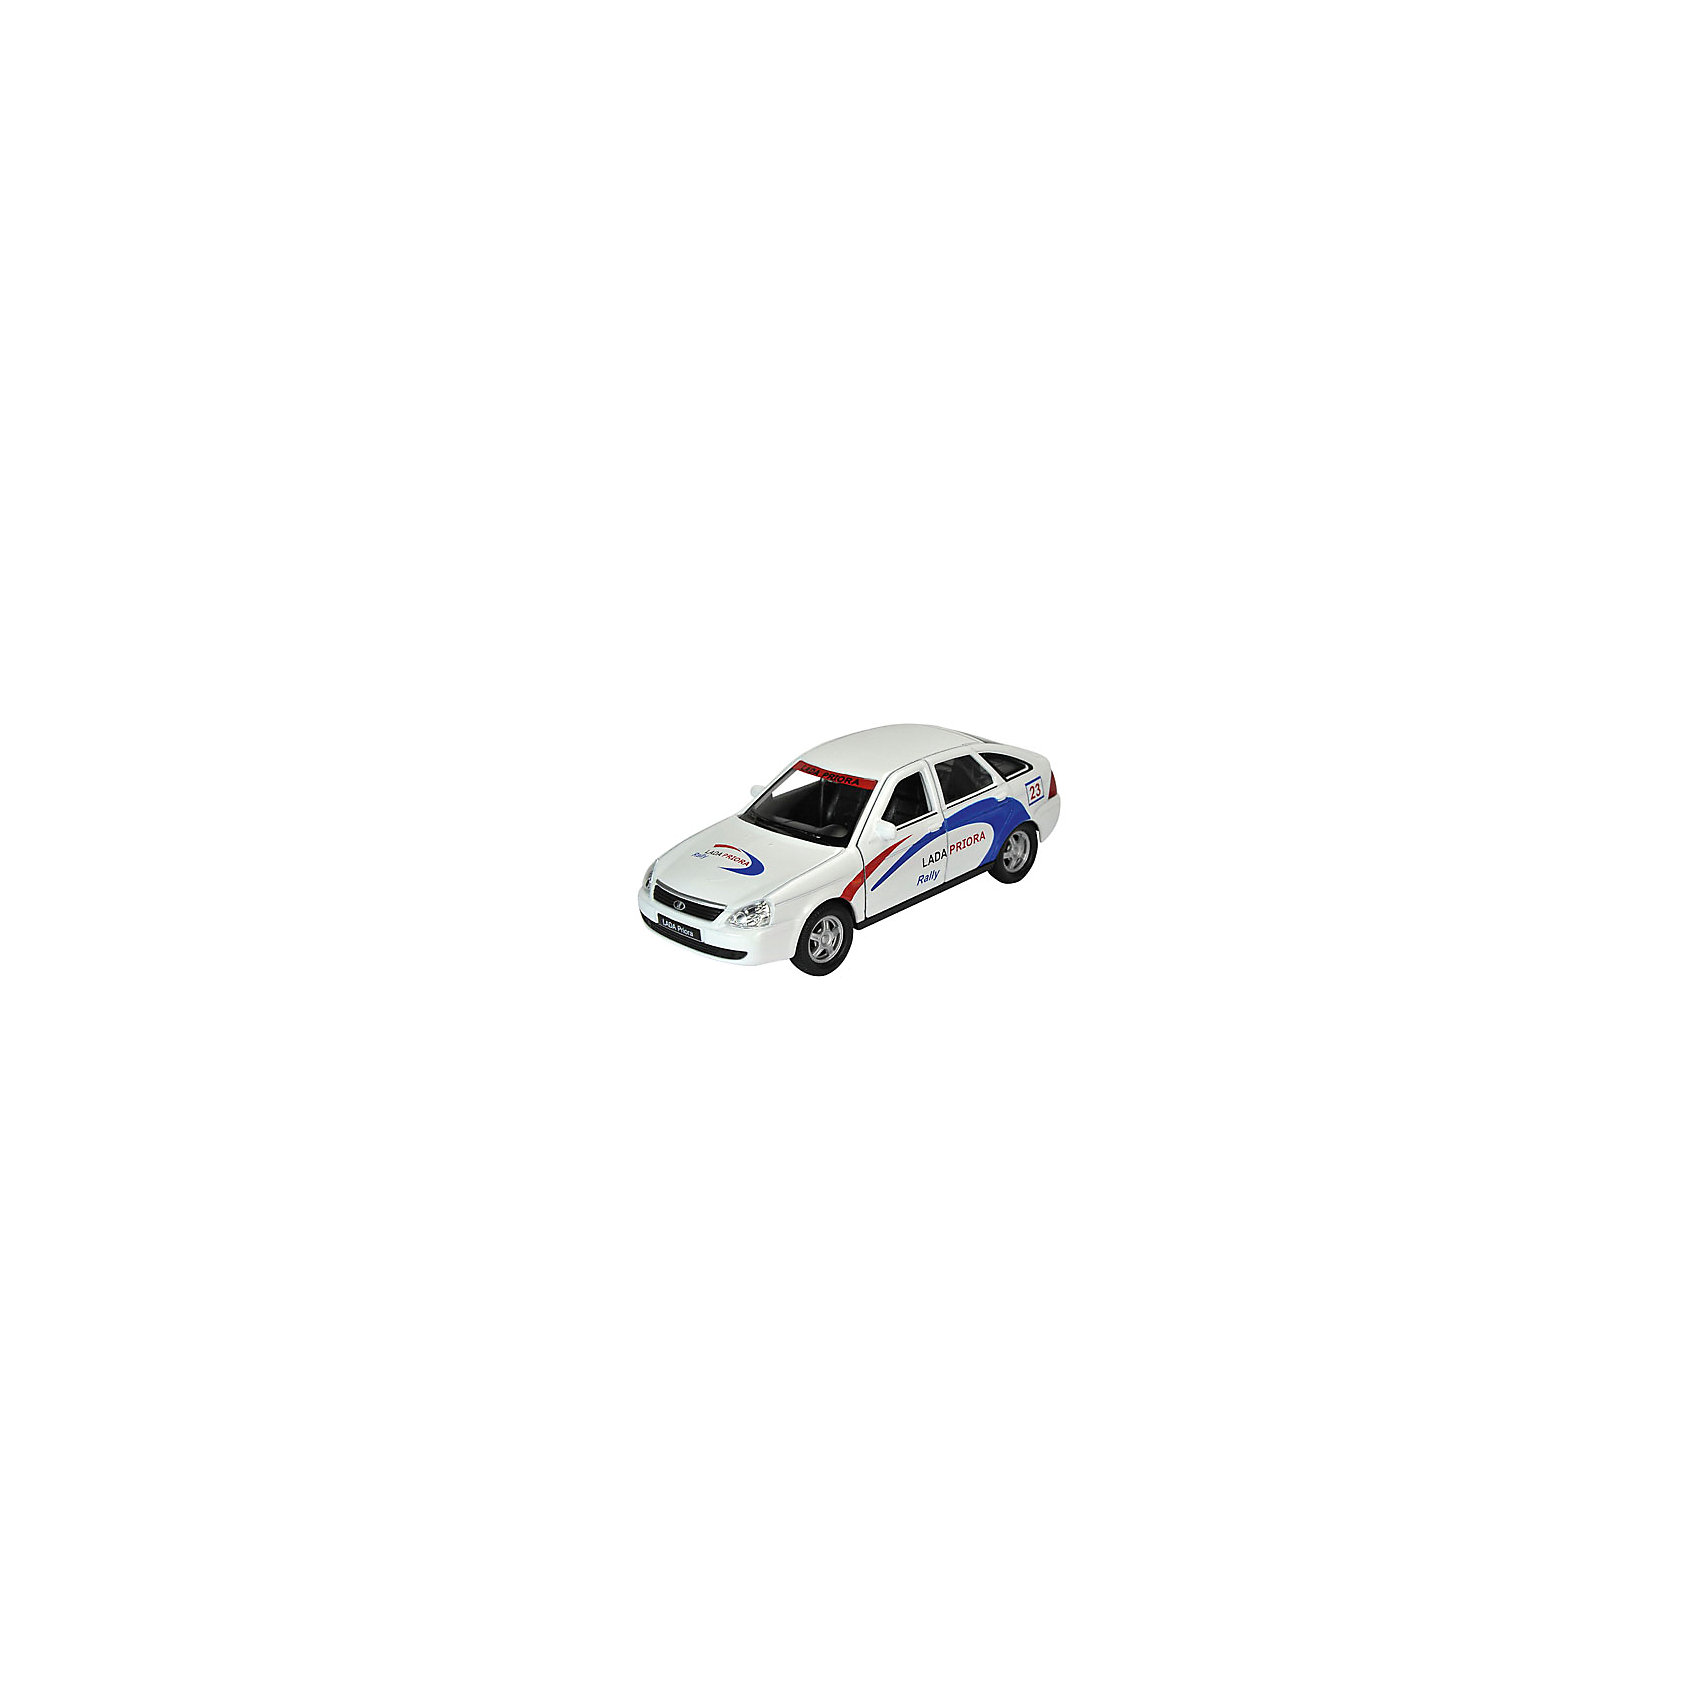 Модель машины  1:34-39 LADA PRIORA RALLY, WellyКоллекционные модели<br>Коллекционная модель машины Welly 1:34-39 LADA PRIORA RALLY.<br>Цвет кузова автомобиля представлен в ассортименте. Выбрать определенный цвет заранее не представляется возможным.<br><br>Ширина мм: 60<br>Глубина мм: 115<br>Высота мм: 145<br>Вес г: 161<br>Возраст от месяцев: 36<br>Возраст до месяцев: 192<br>Пол: Мужской<br>Возраст: Детский<br>SKU: 4966534